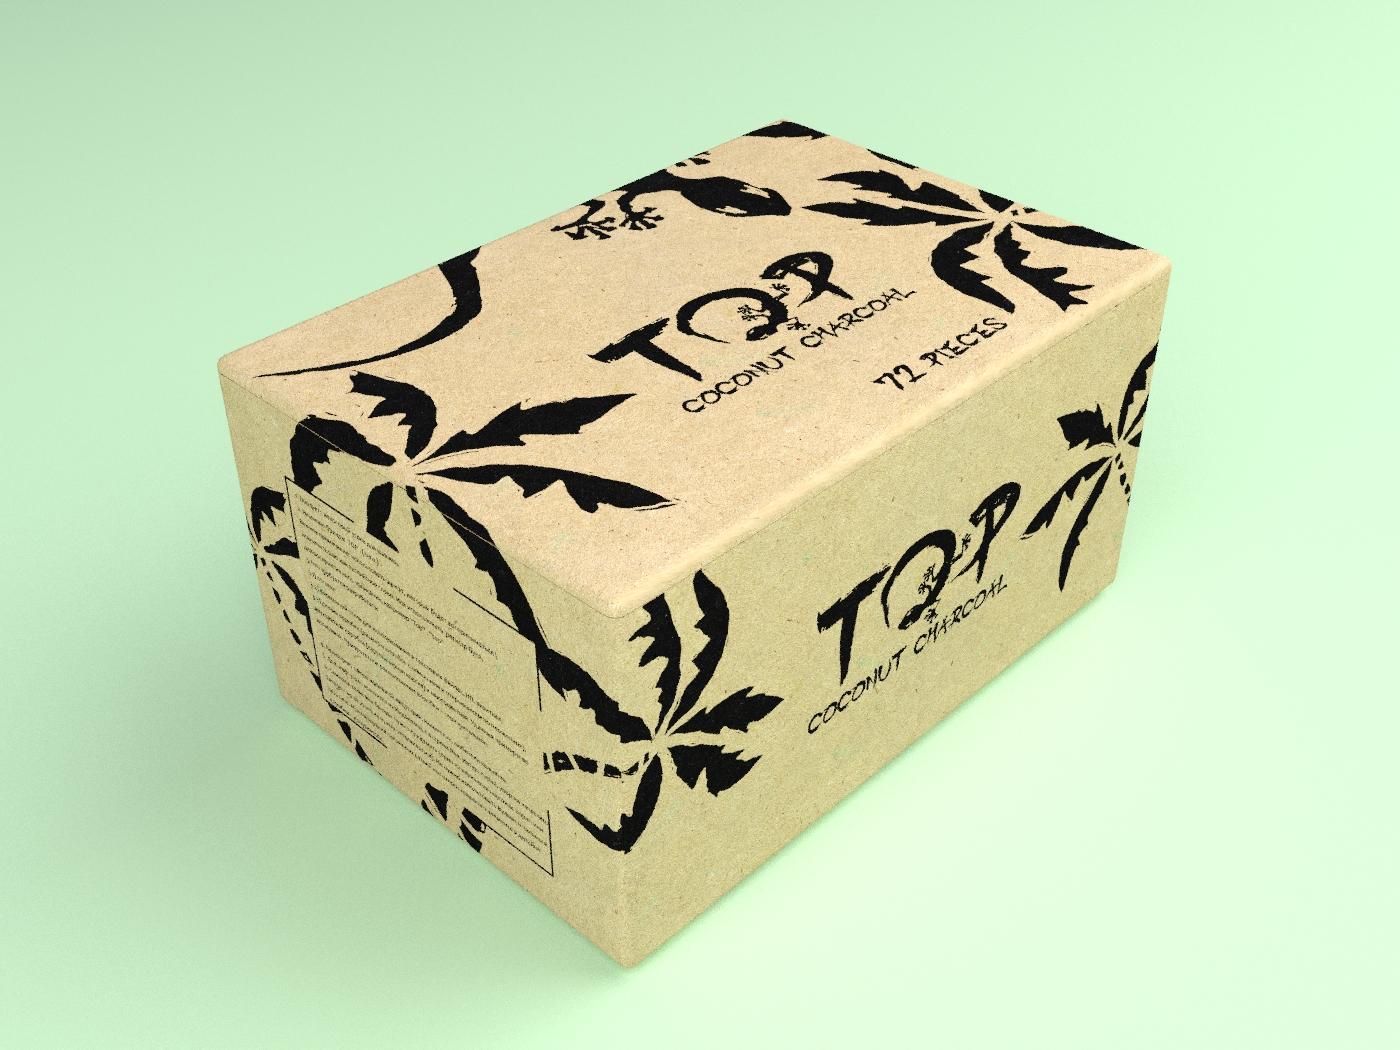 Разработка дизайна коробки, фирменного стиля, логотипа. фото f_9375c5fcdb1684f3.jpg